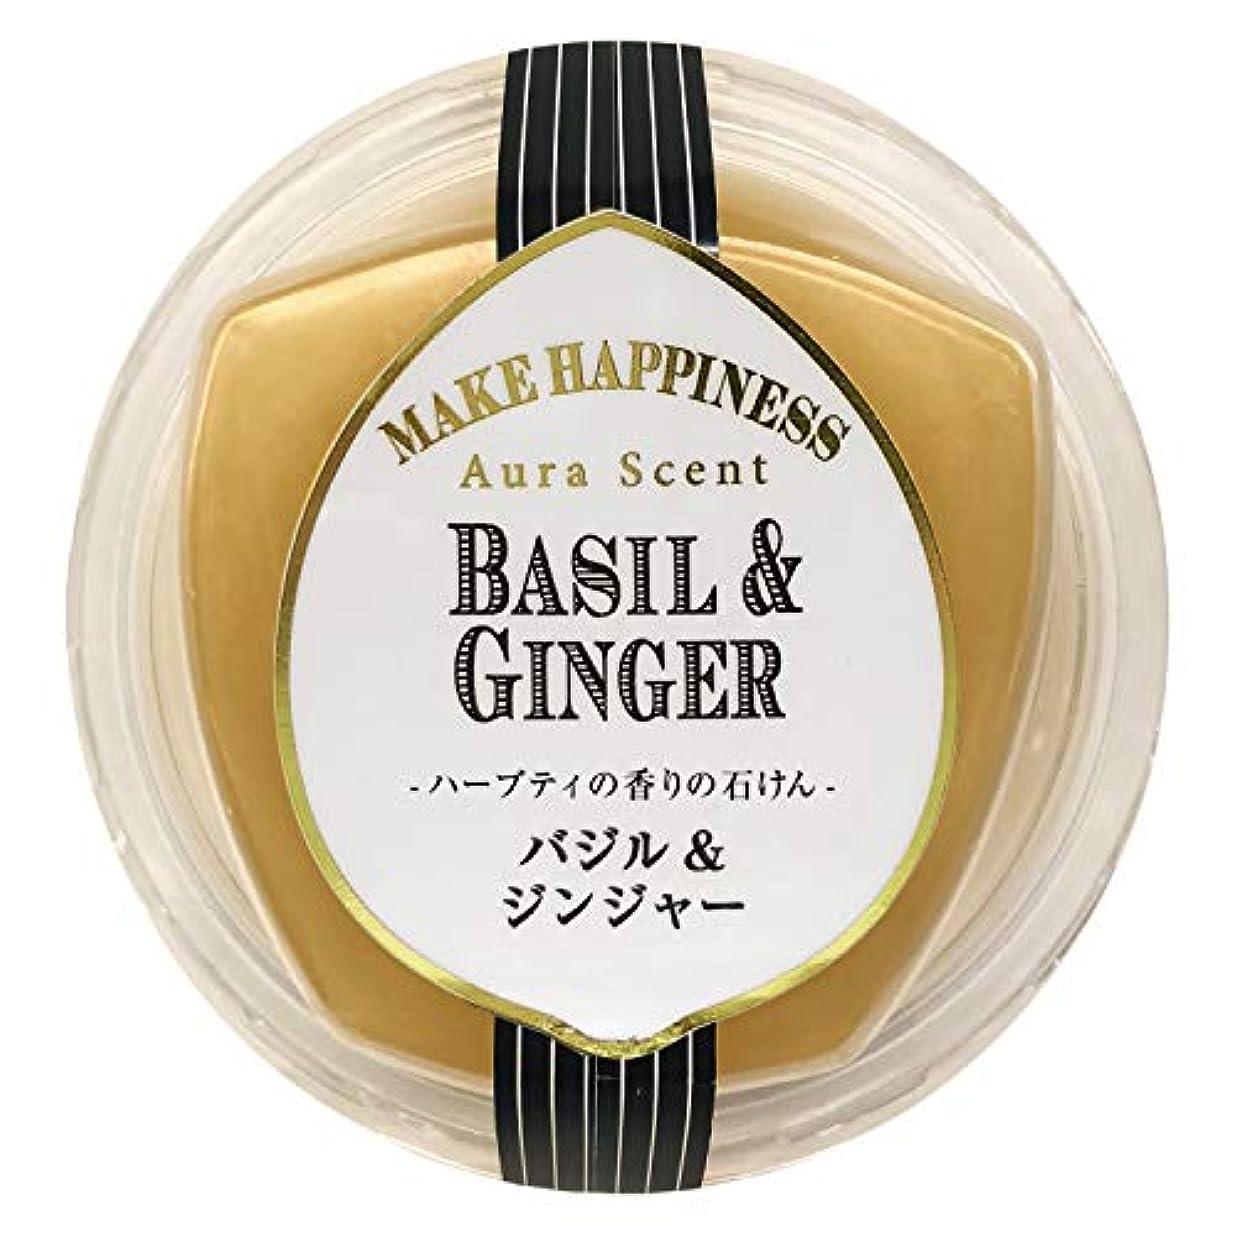 気づくなるバタフライお酢ペリカン石鹸 オーラセント クリアソープ バジル&ジンジャー 75g